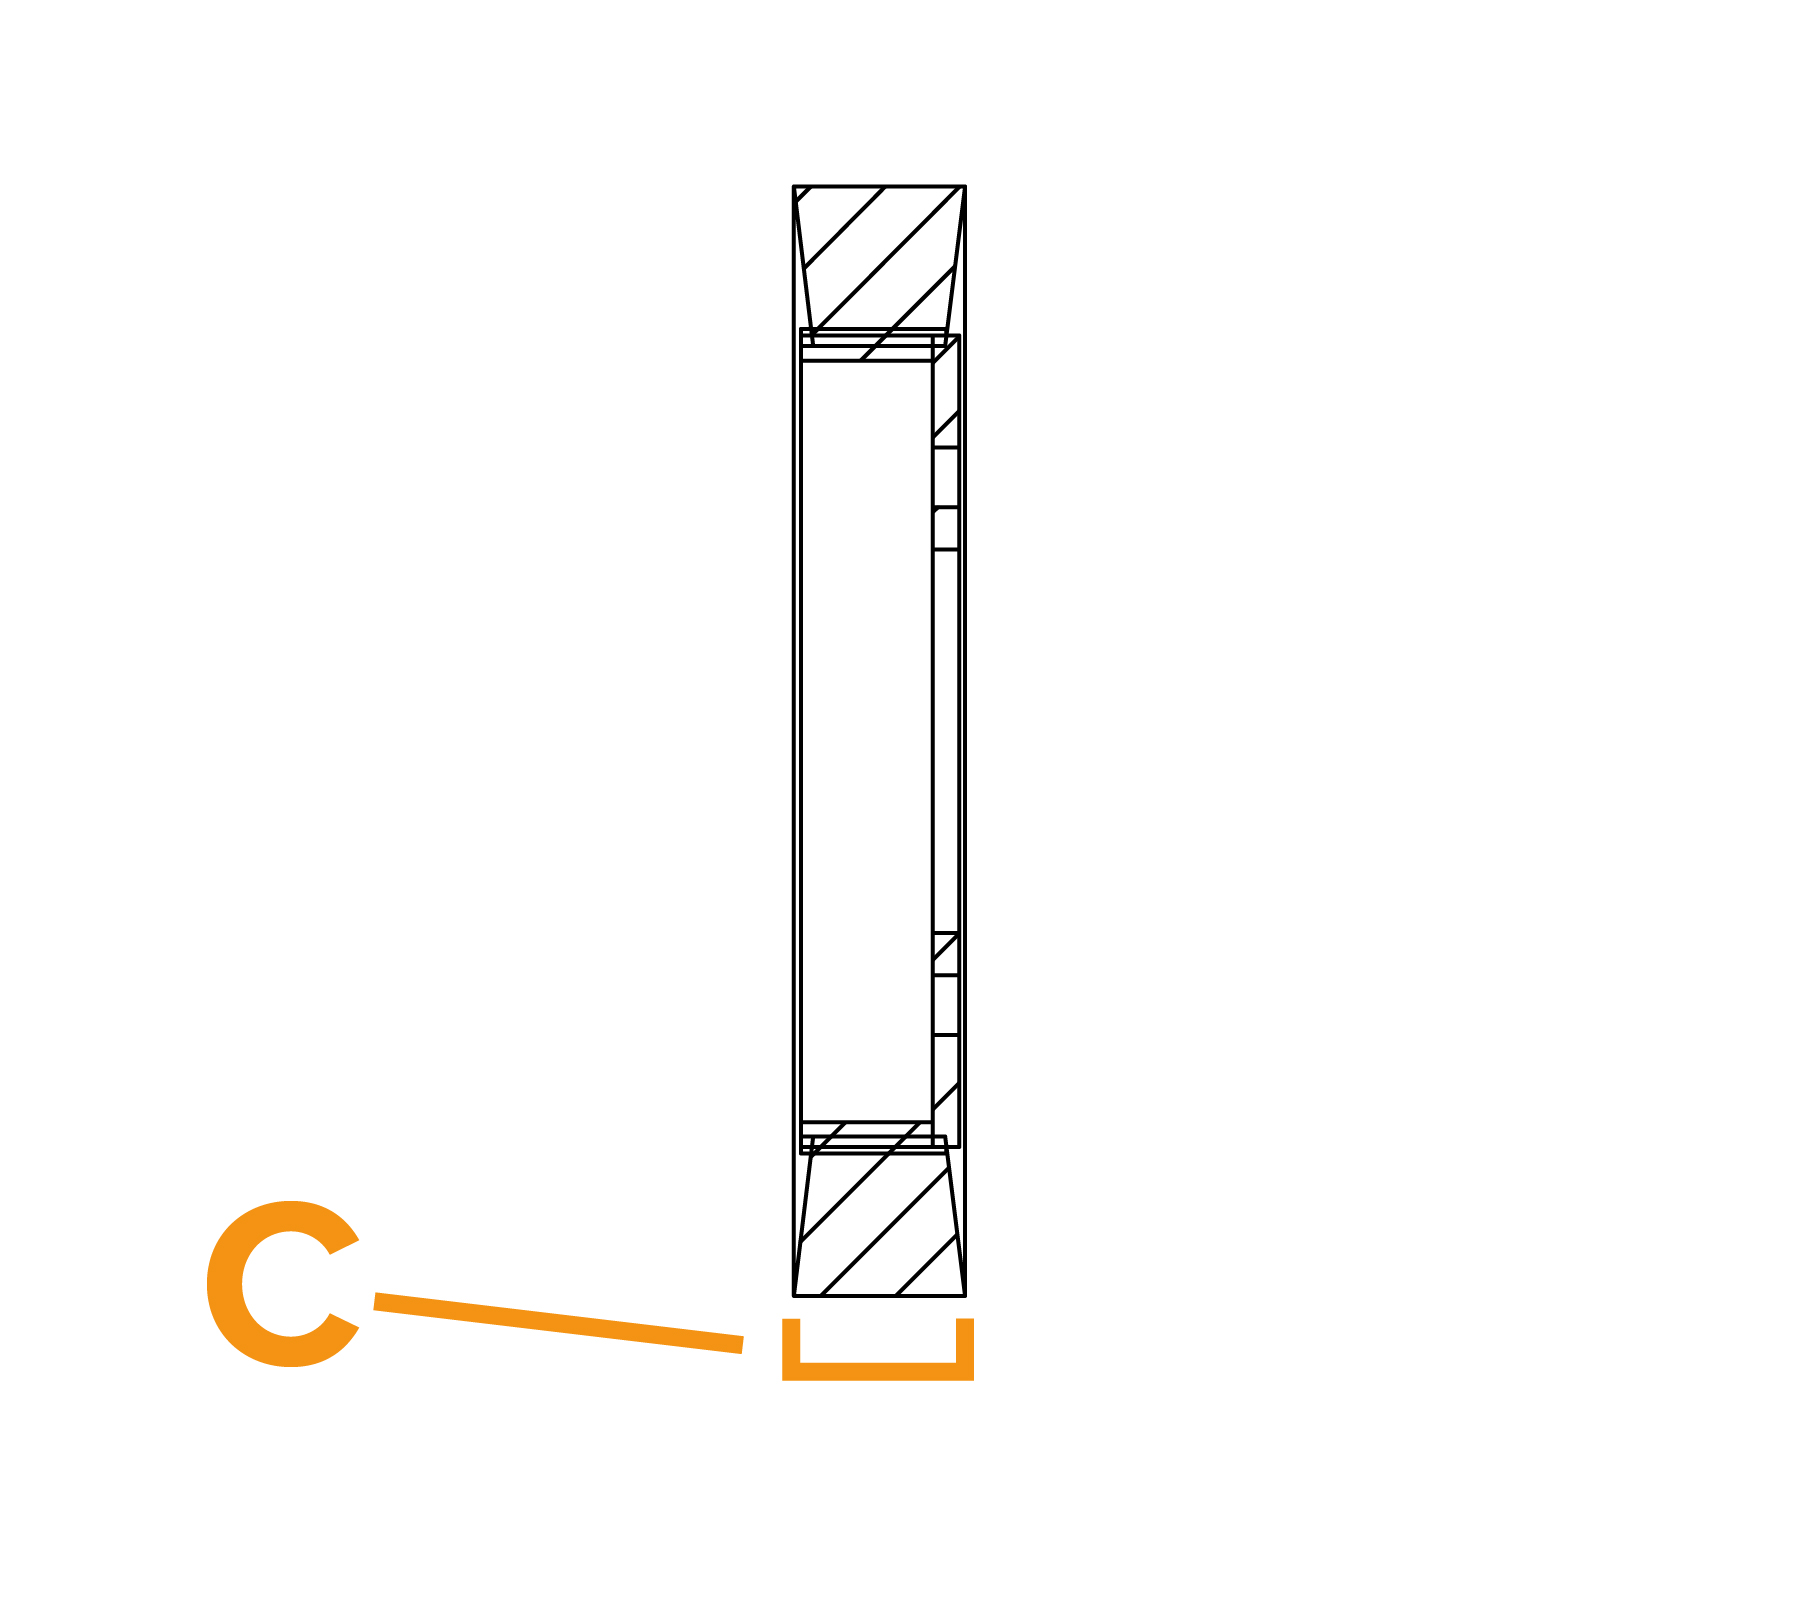 Borstel met platte draadflensring - diagram C